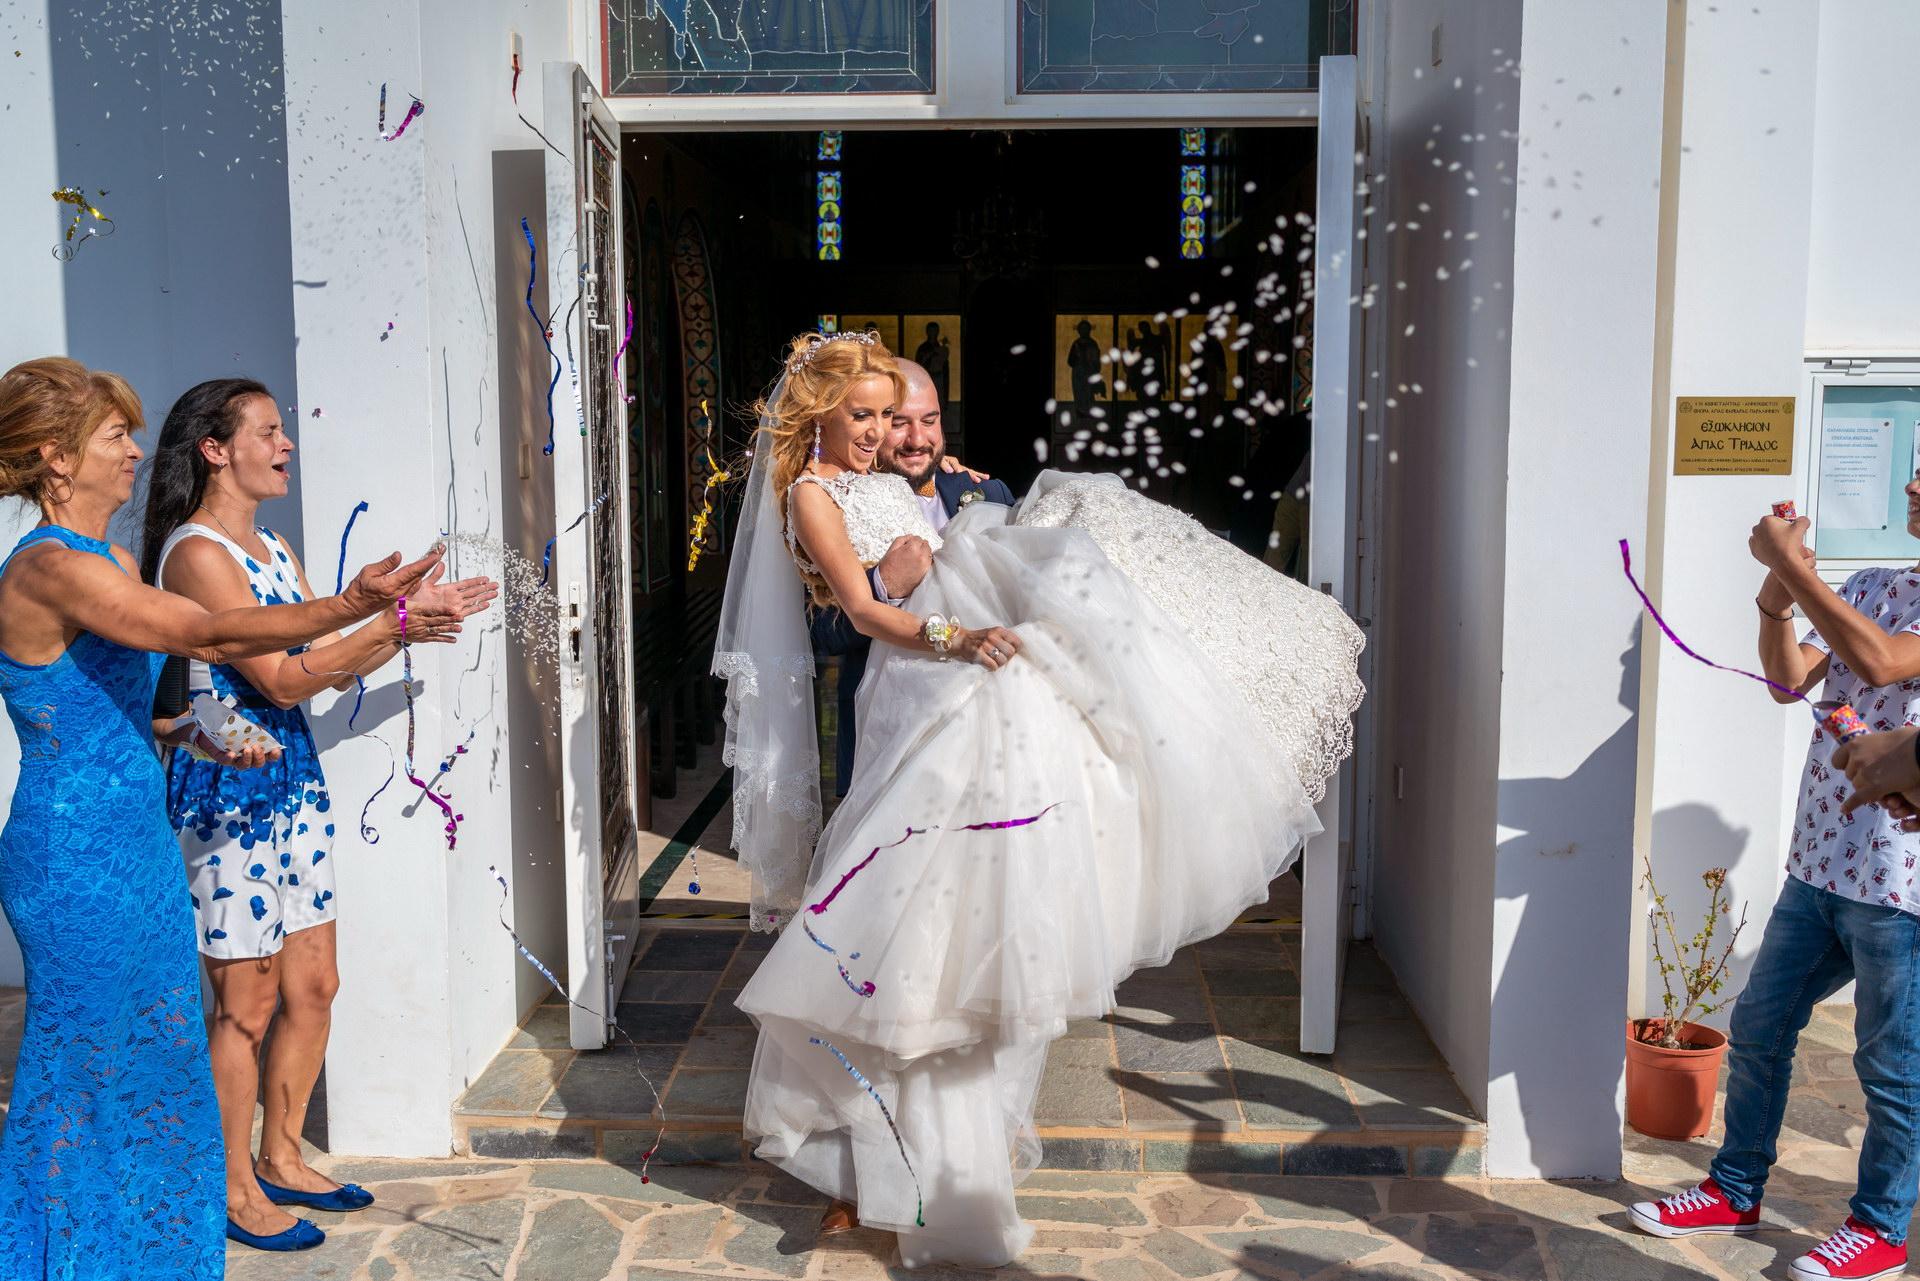 PIC09211_happyimagescyprus.com